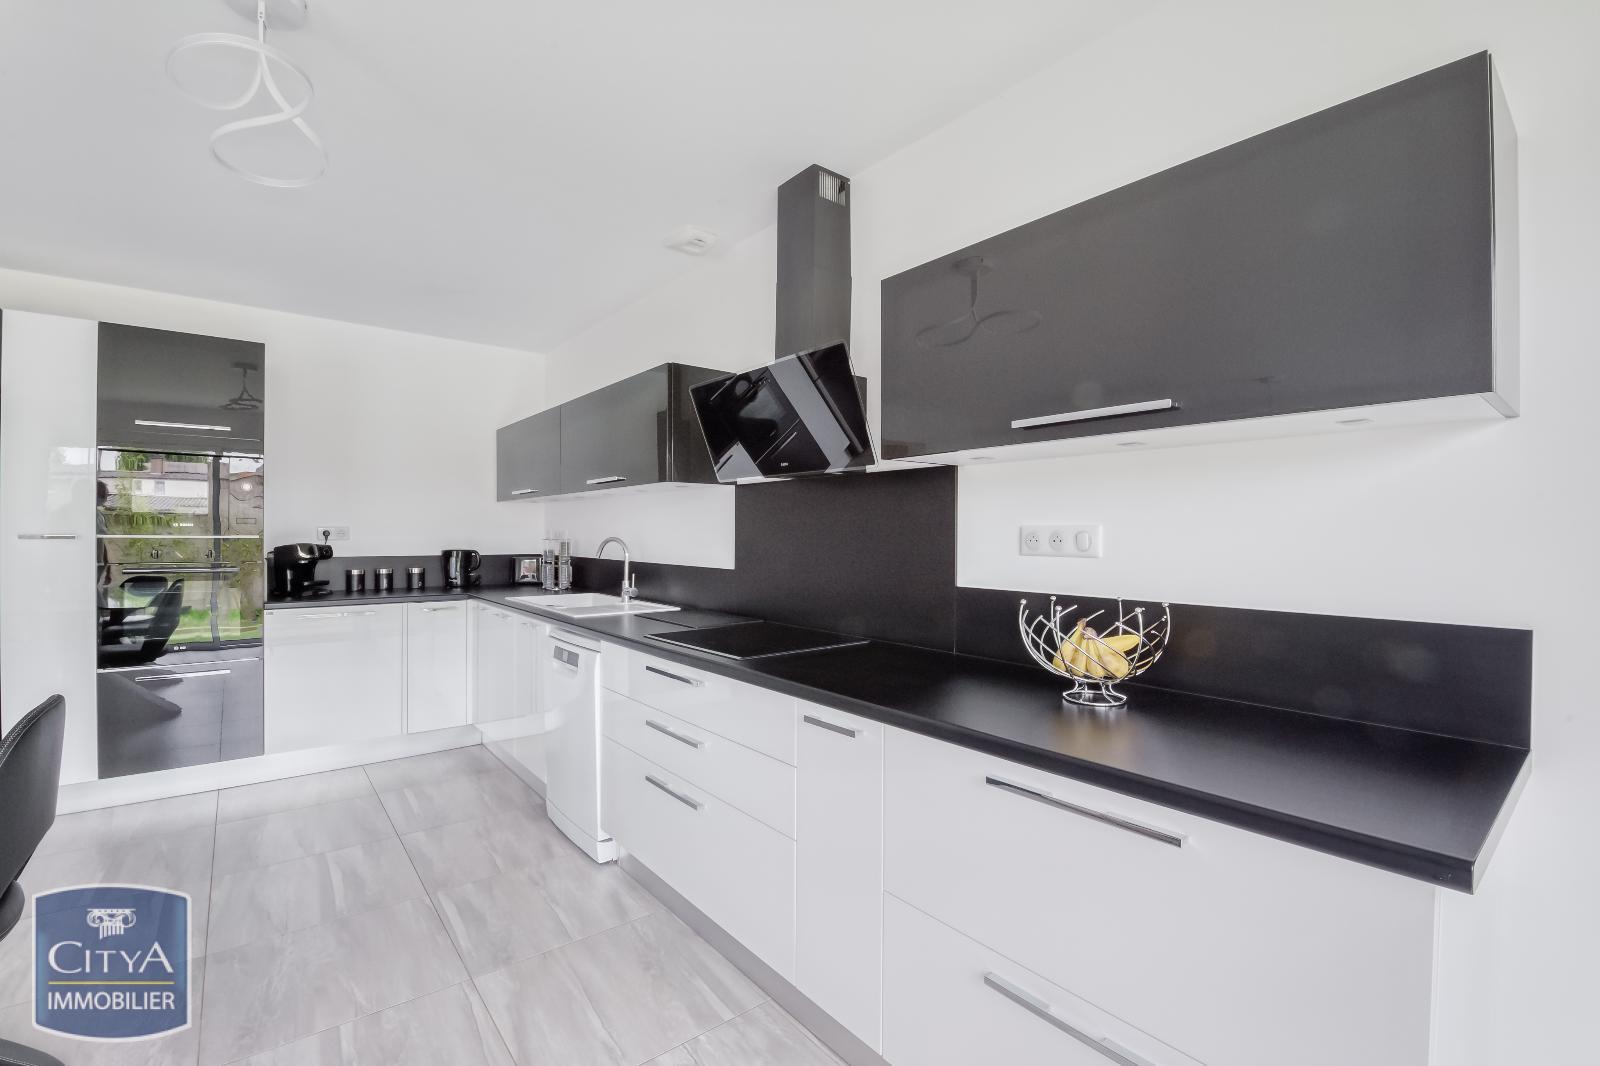 Maison/villa 8 pièces 184 m²